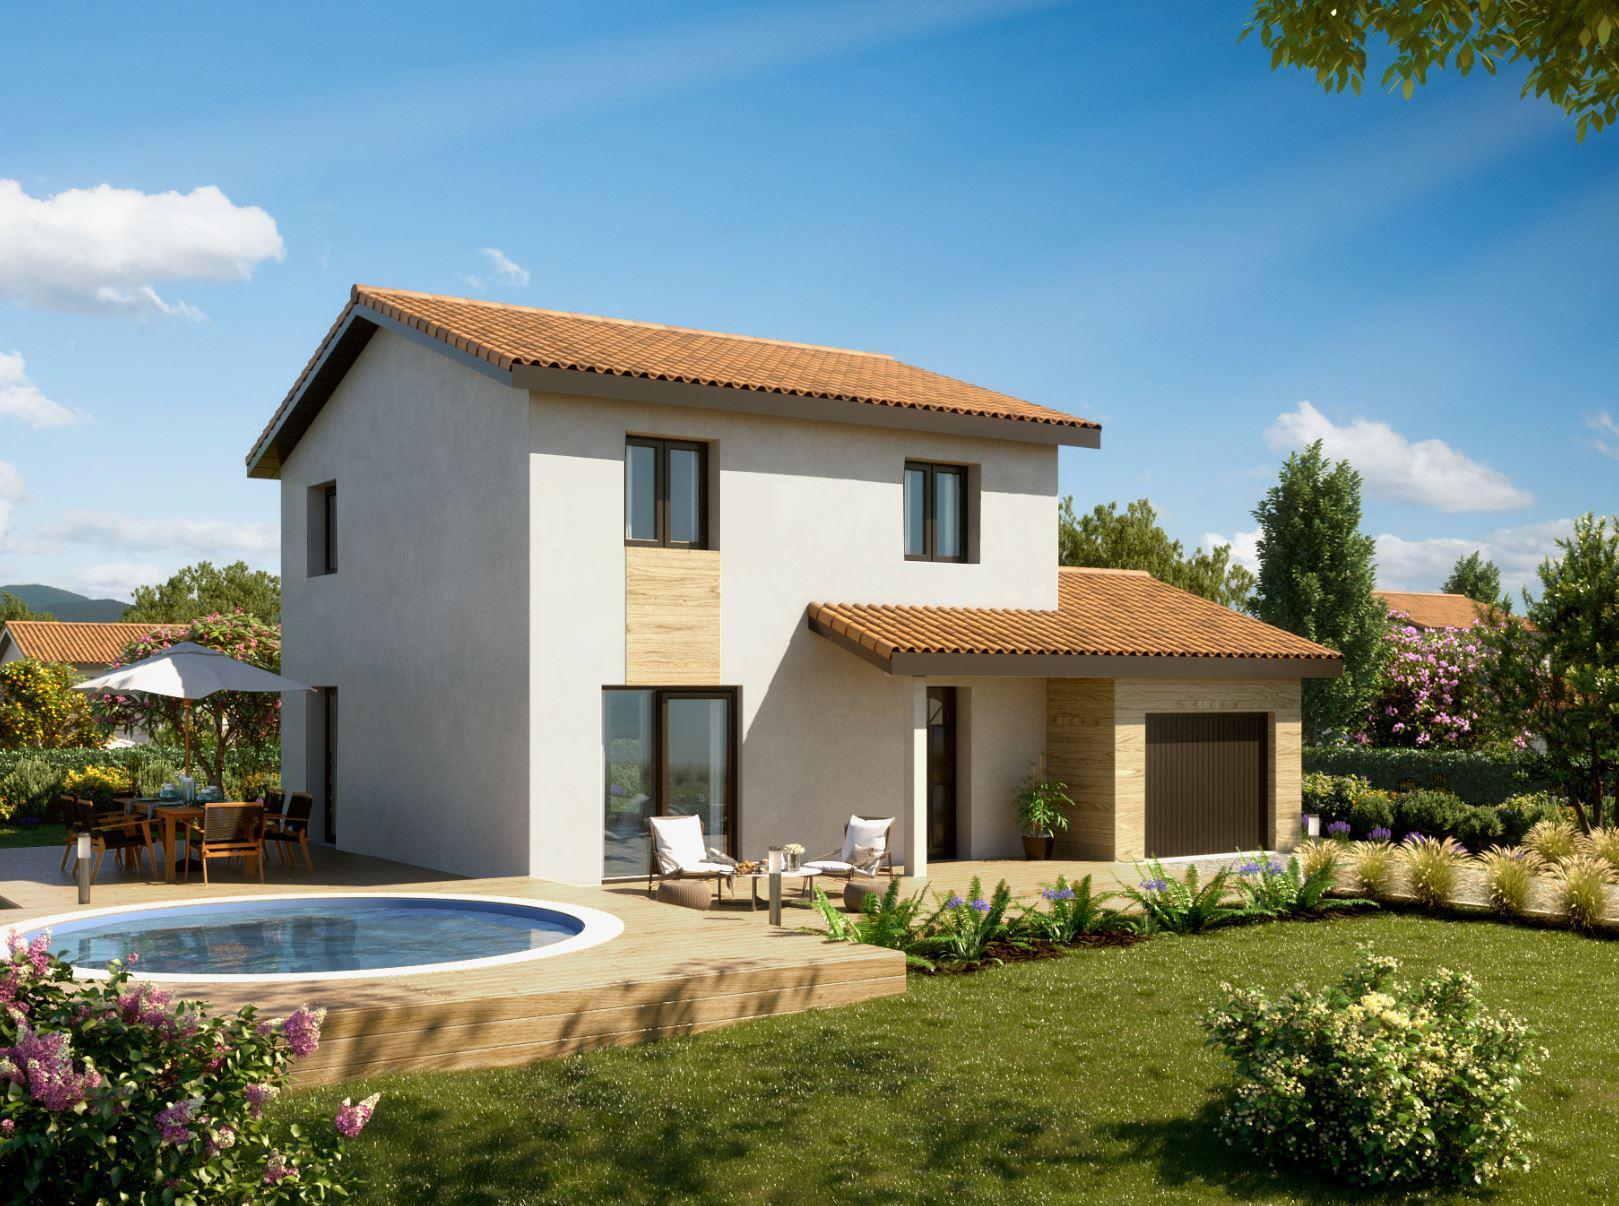 Maisons + Terrains du constructeur MAISONS PUNCH SIEGE SOCIAL • 79 m² • DRACE